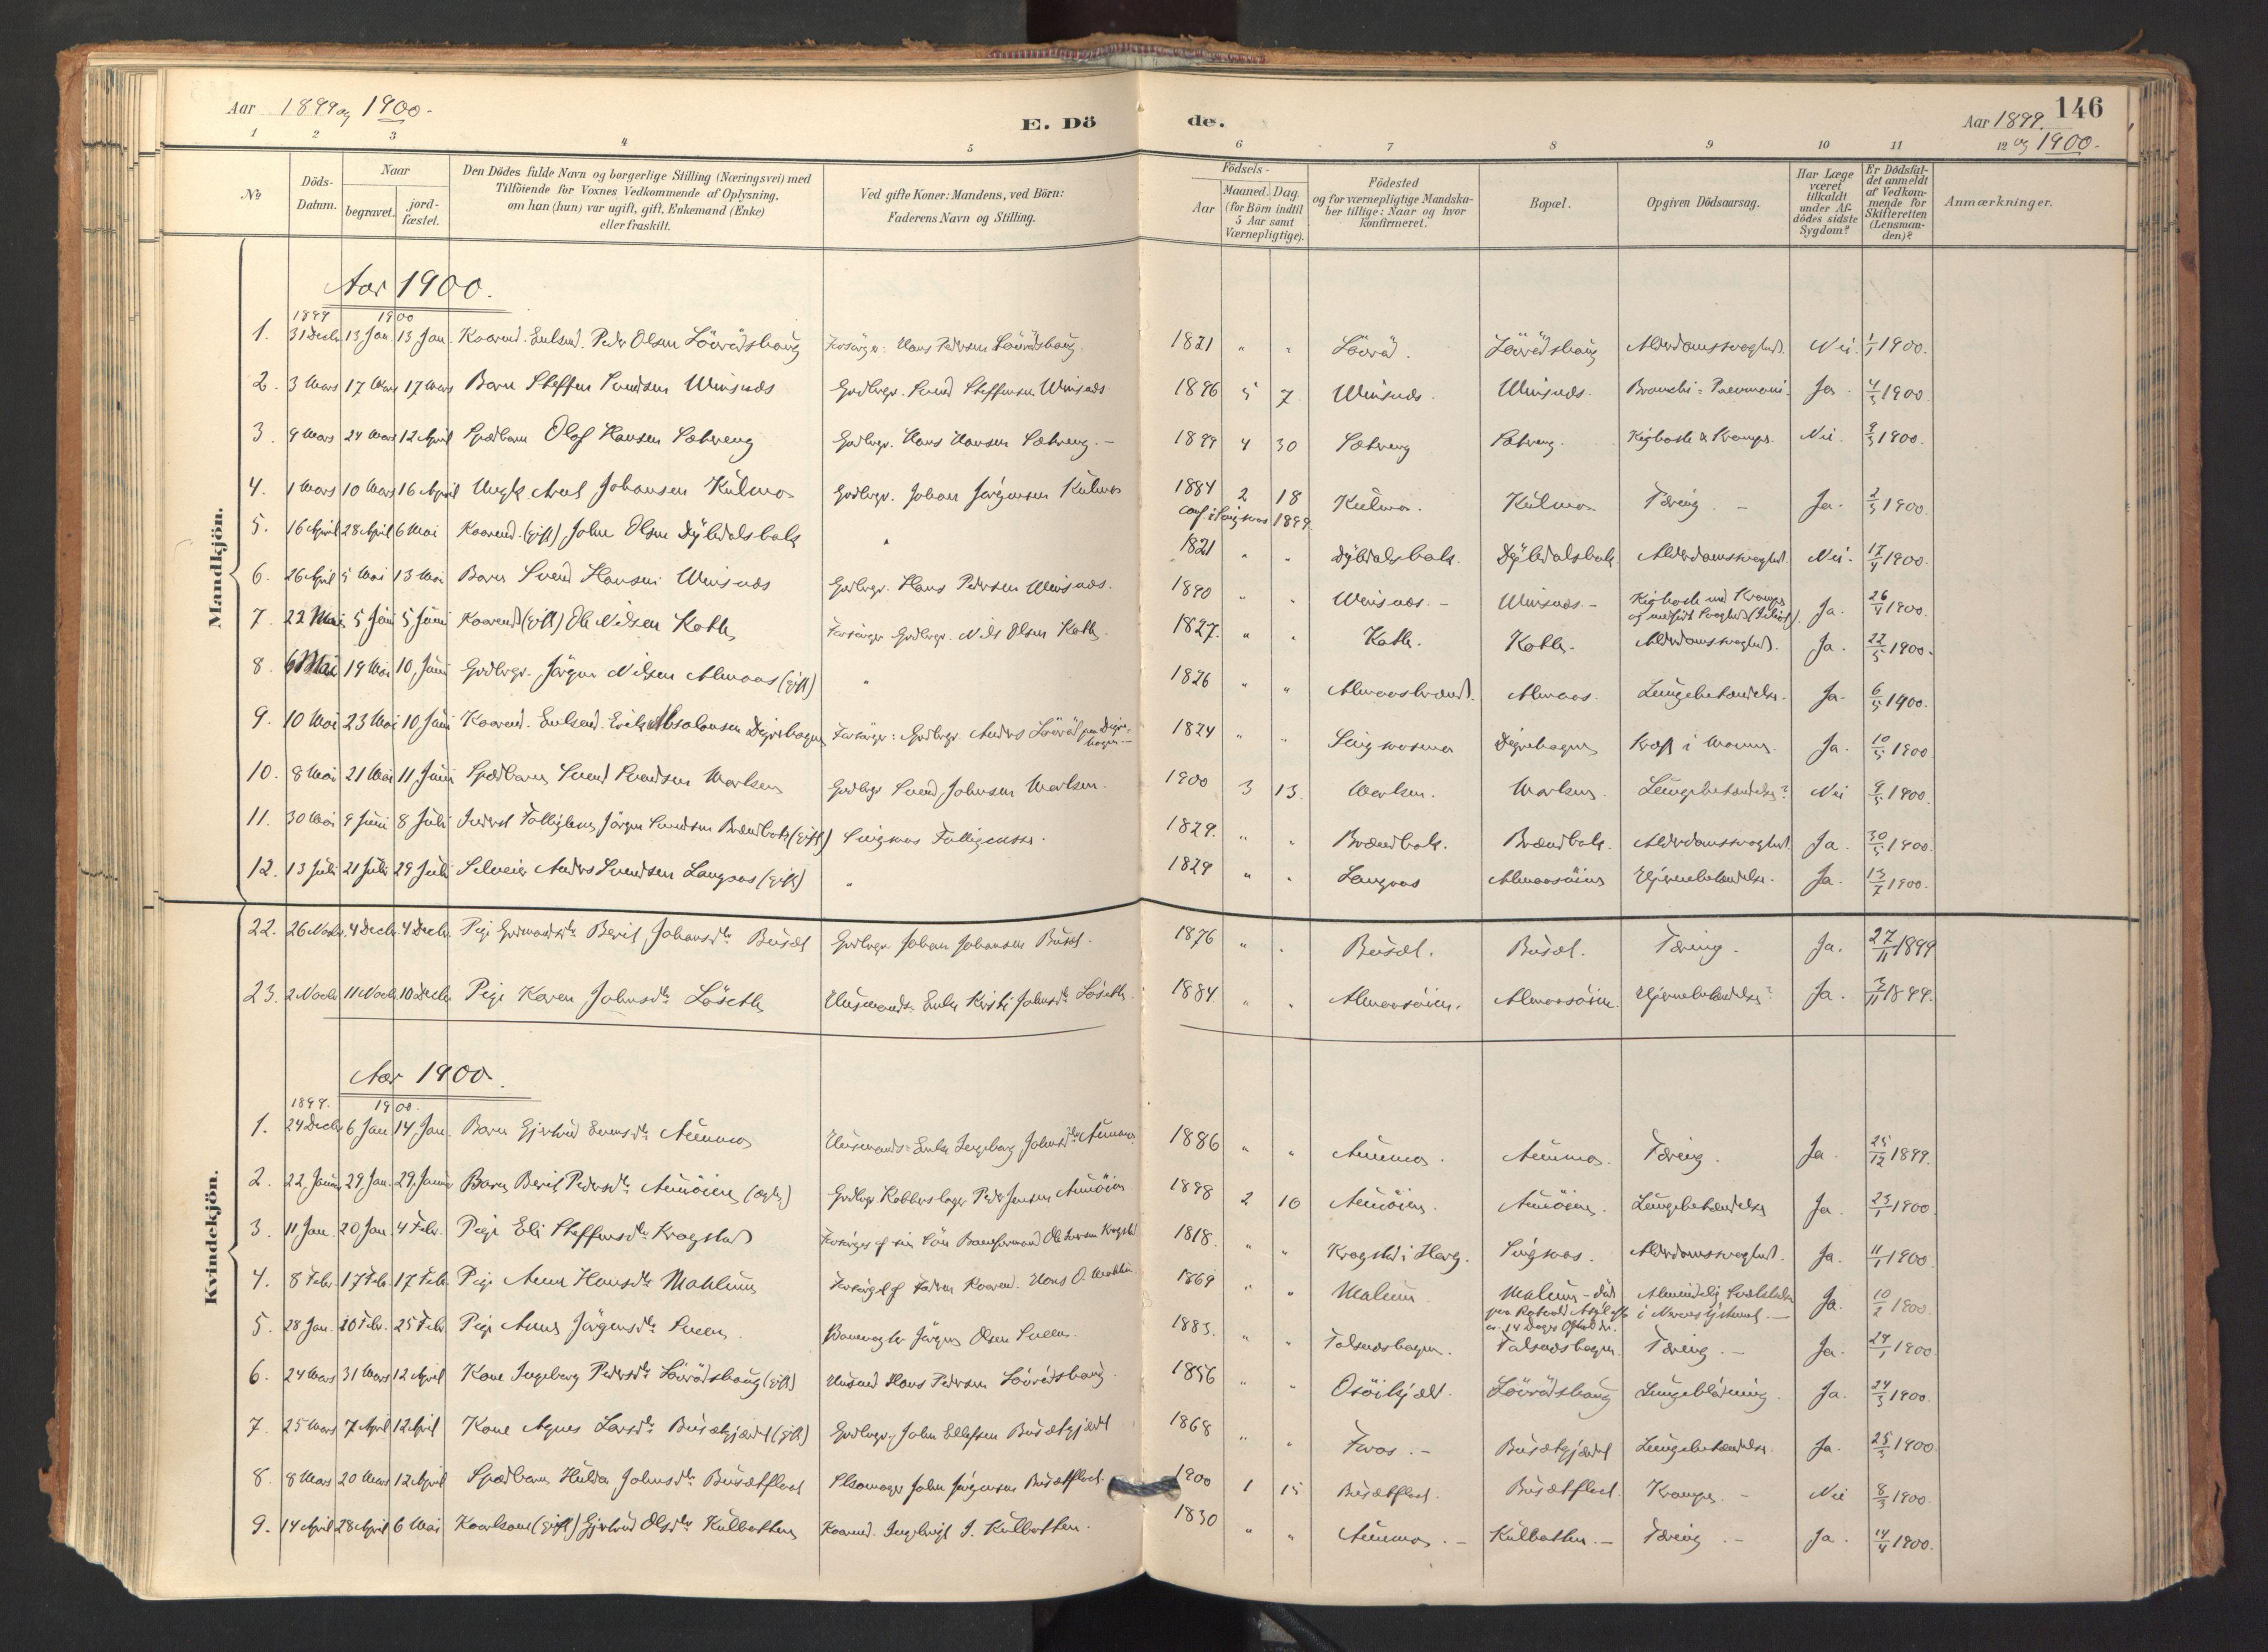 SAT, Ministerialprotokoller, klokkerbøker og fødselsregistre - Sør-Trøndelag, 688/L1025: Ministerialbok nr. 688A02, 1891-1909, s. 146